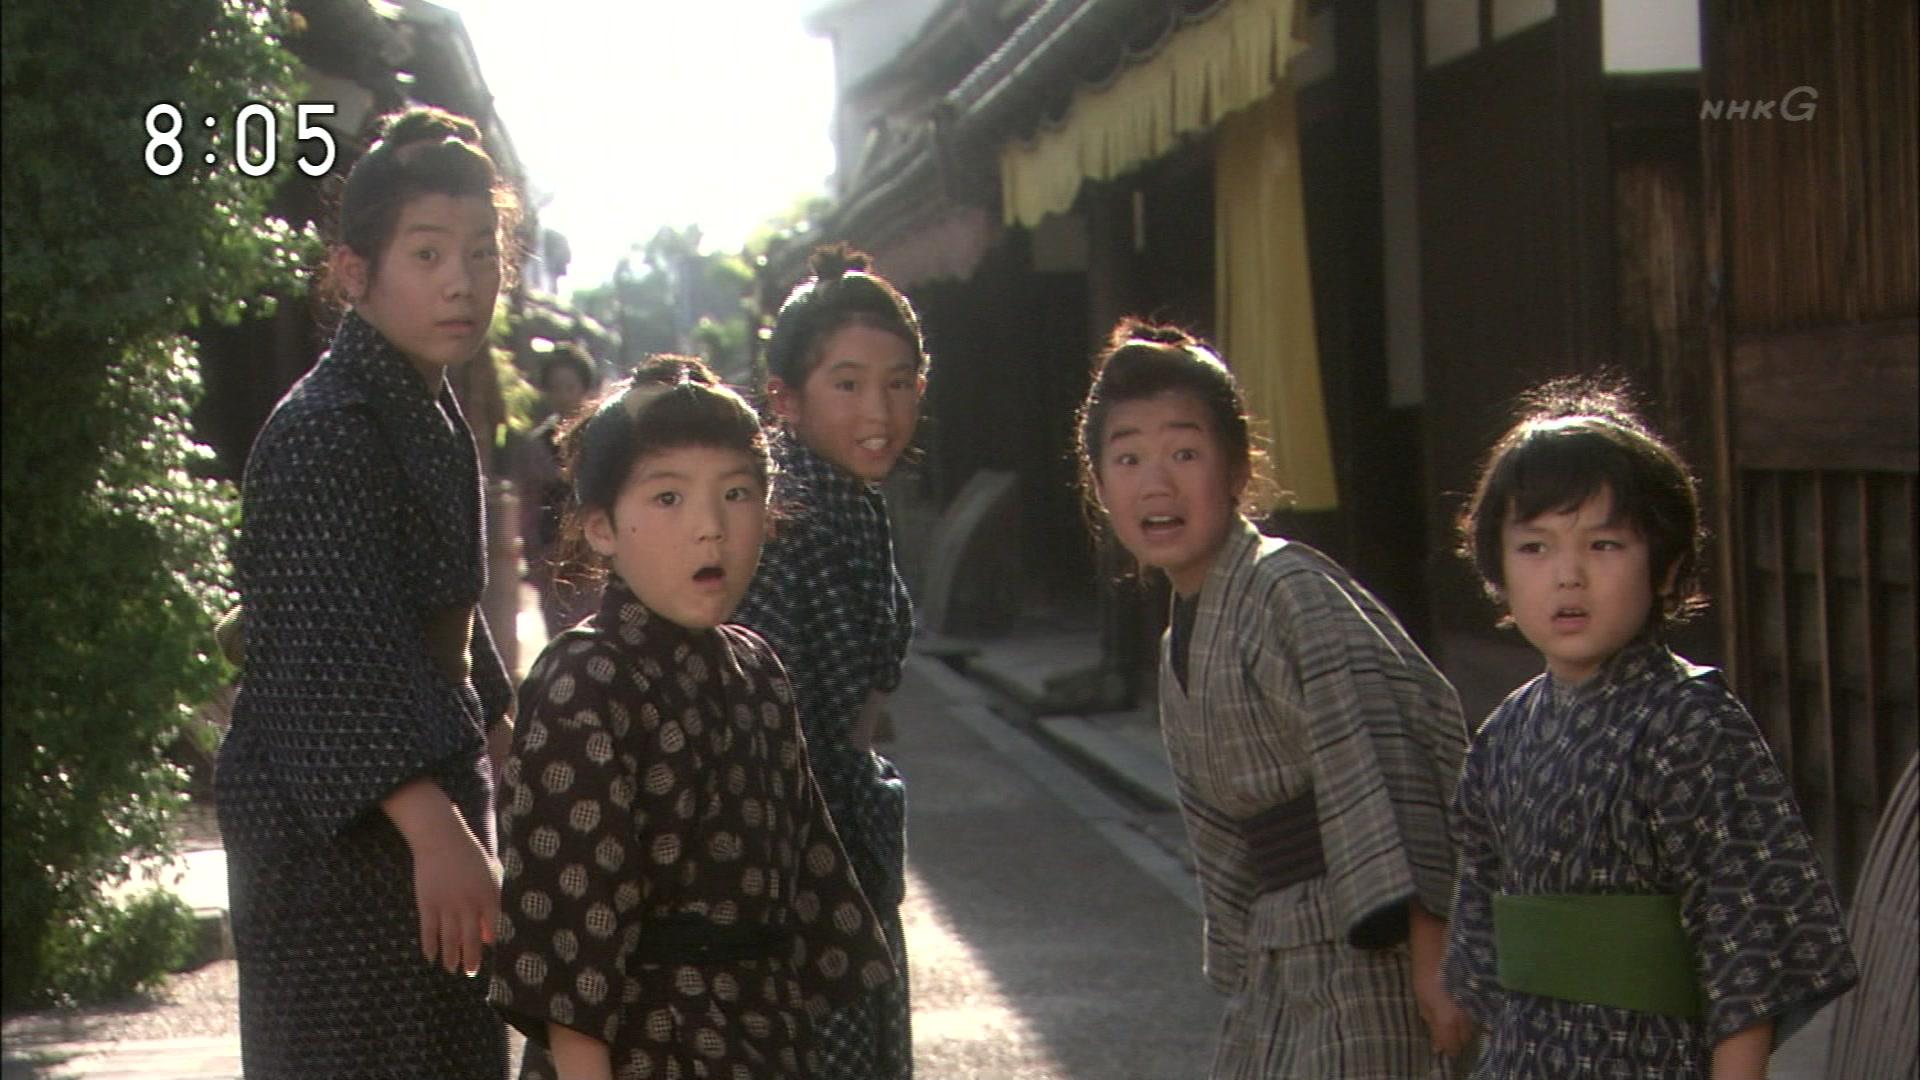 2015-09-28 08:00 連続テレビ小説 あさが来た(1)「小さな許嫁(いいなずけ)」 10870